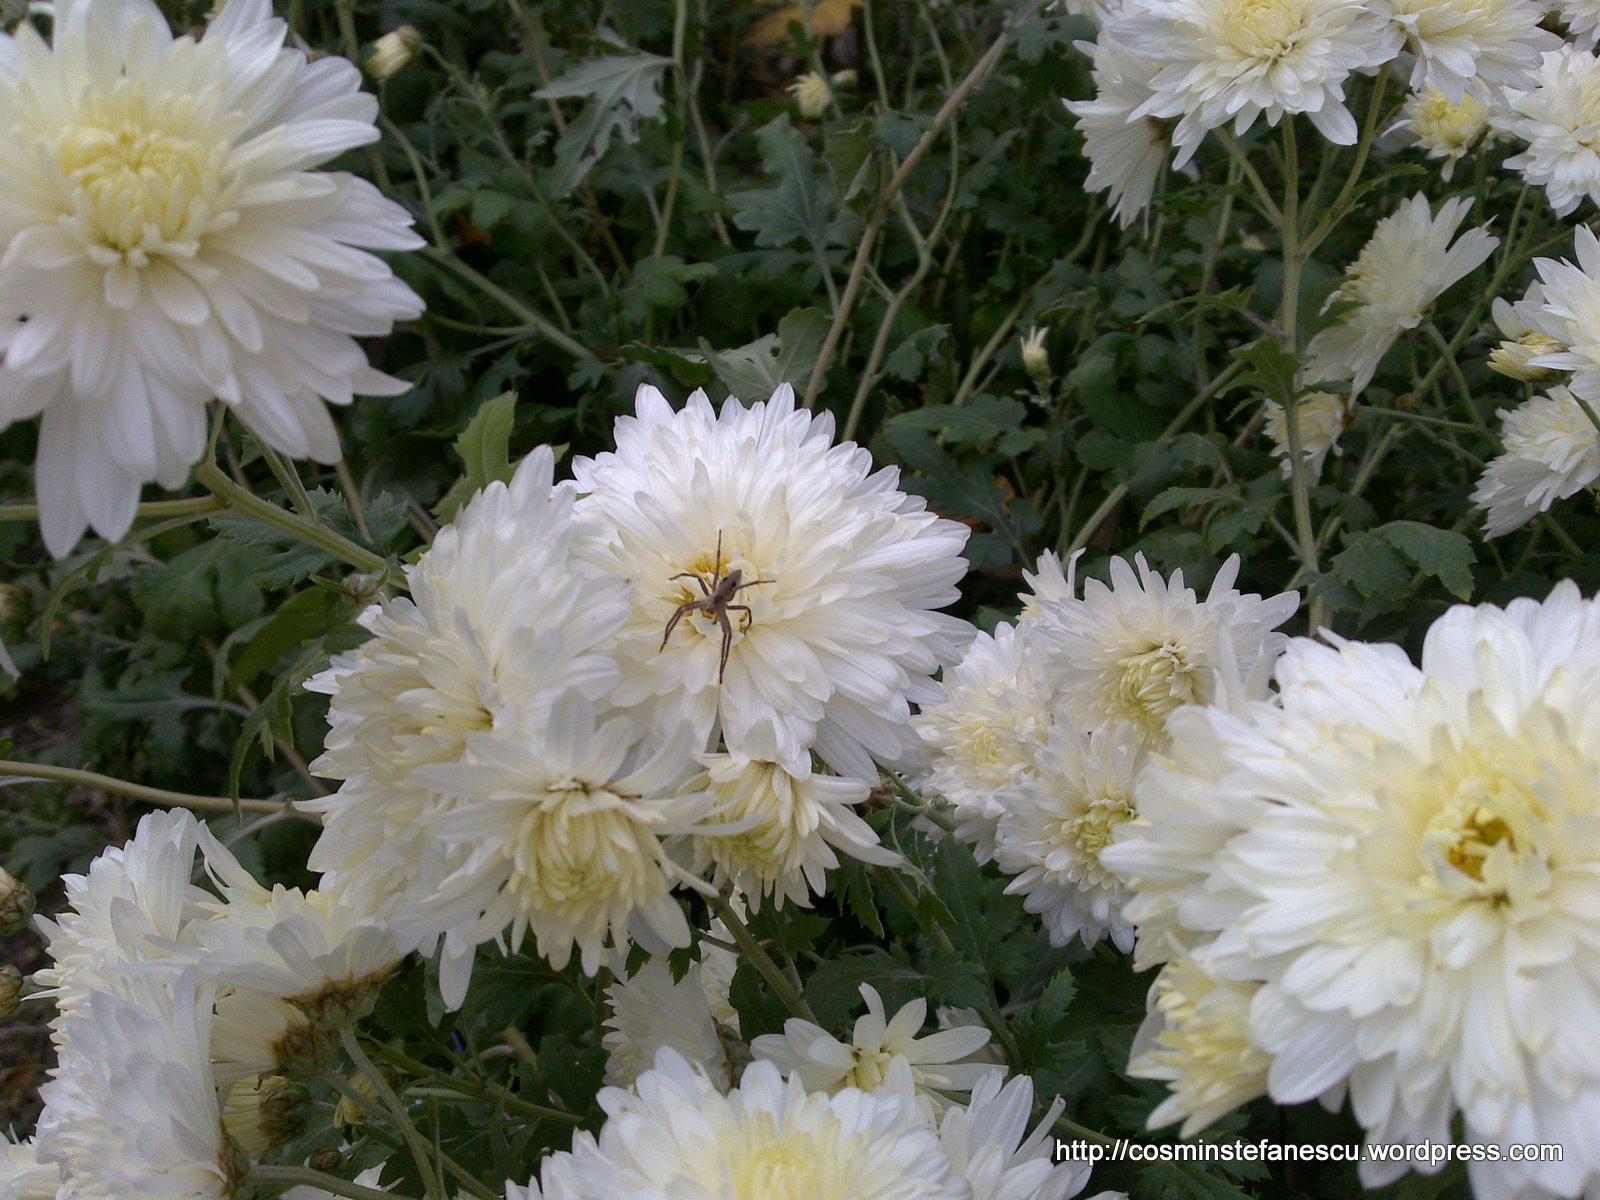 Tufănele albe şi un păianjen